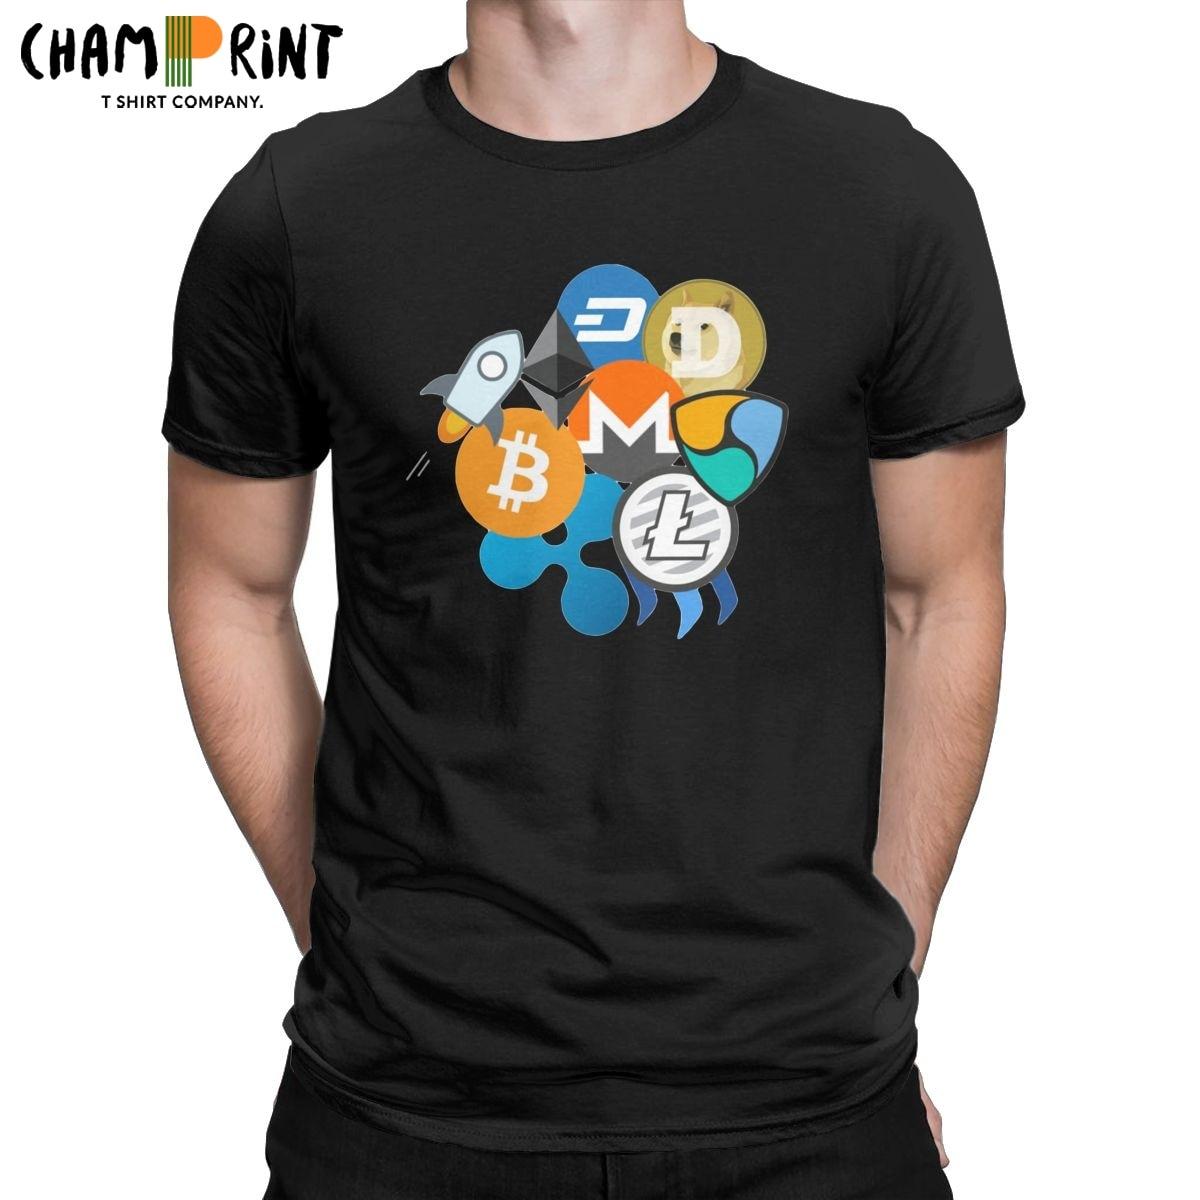 Мужские Винтажные футболки с принтом биткоинов, волнистых волн, эфириума, литекоина, Неодима, звездного ллу, мужчин, криптовалюты, 100% хлопок